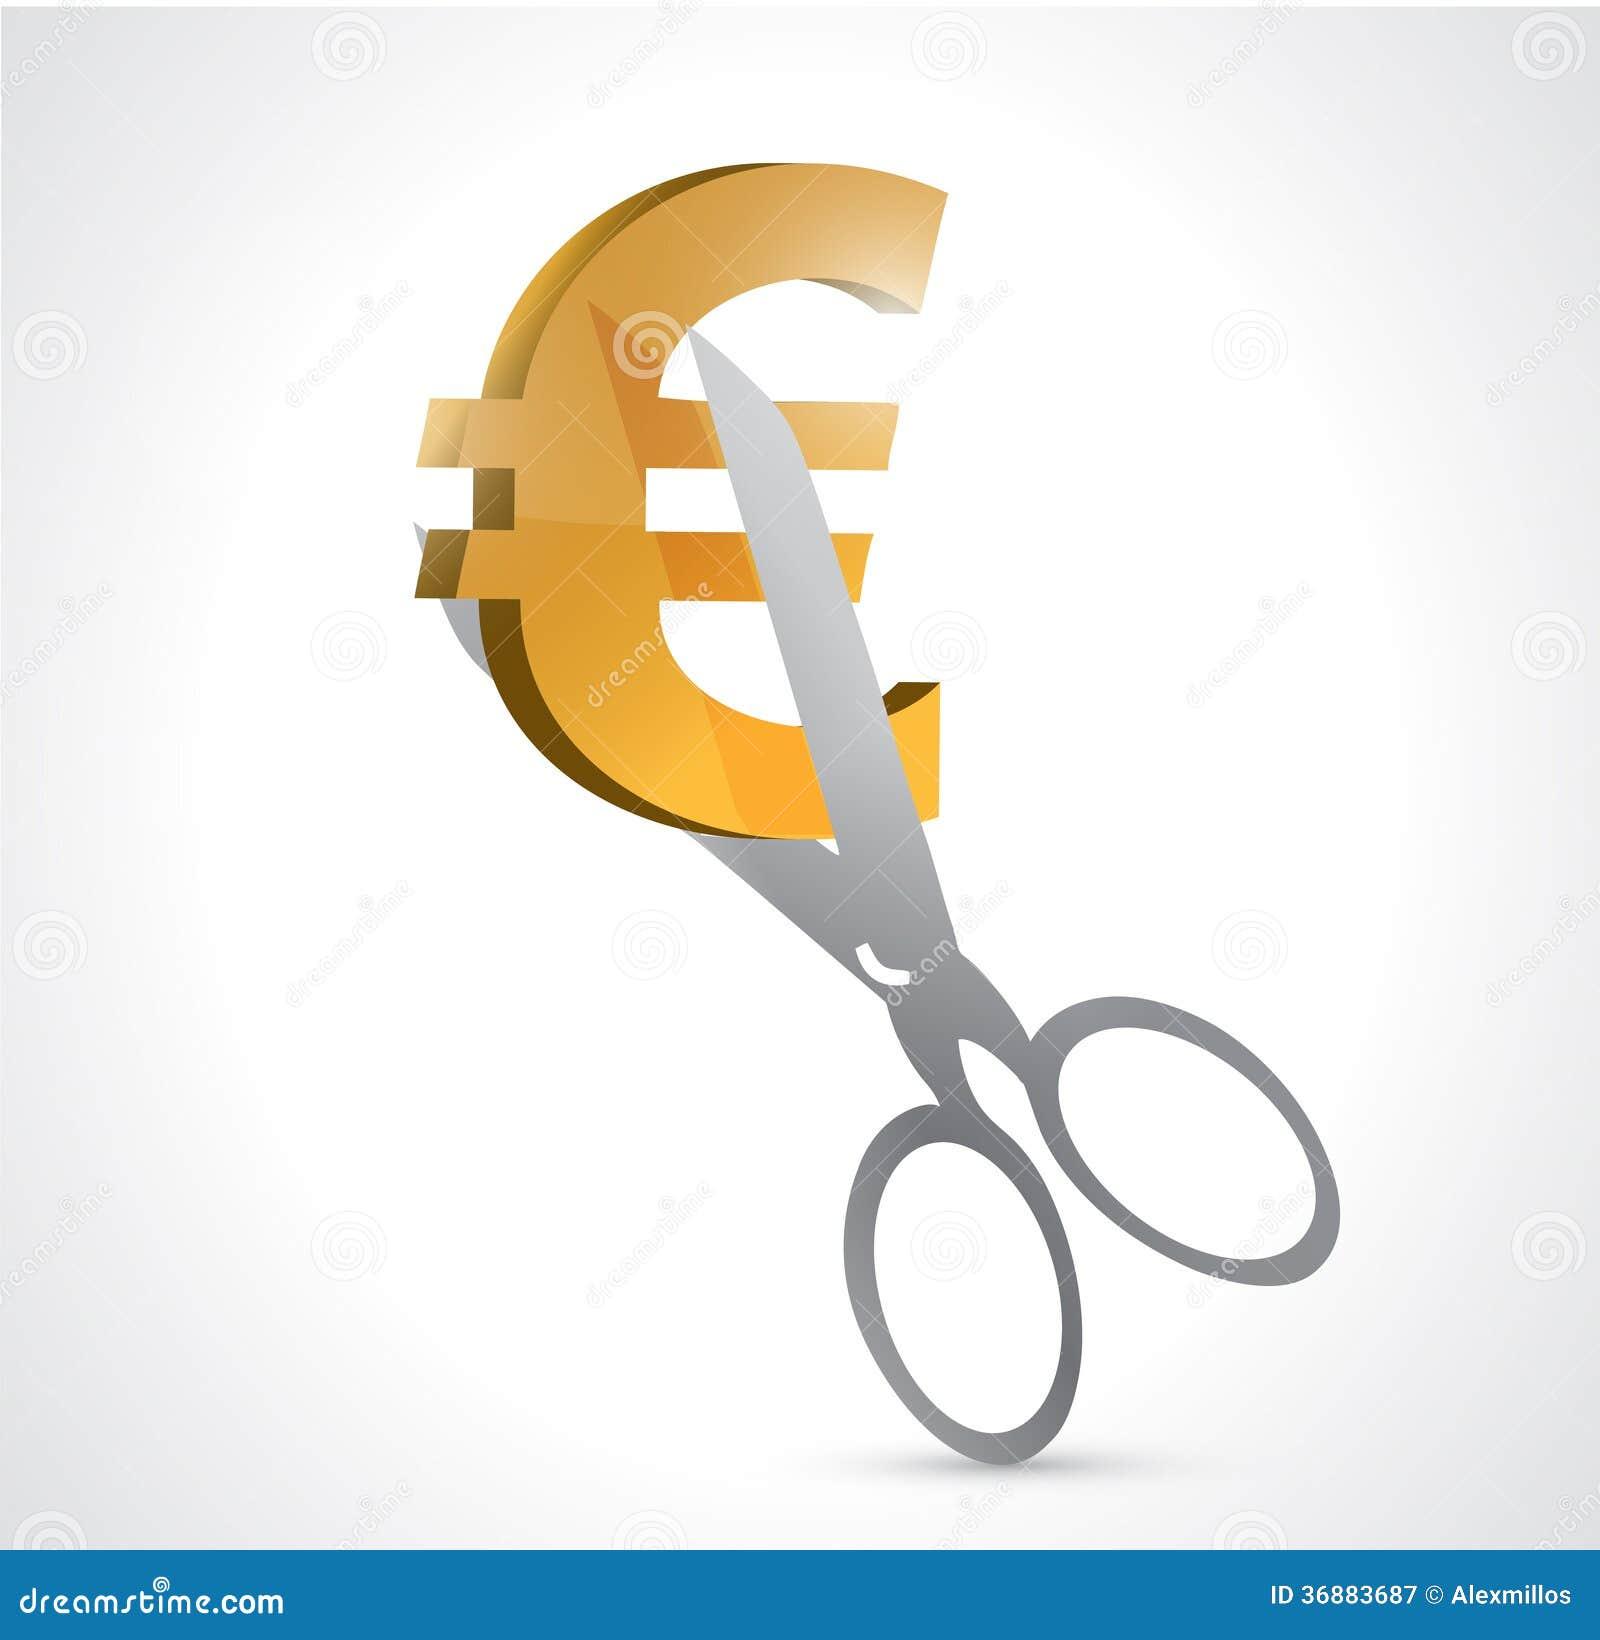 Download Tagli Gli Euro Prezzi Progettazione Dell'illustrazione Di Concetto Illustrazione di Stock - Illustrazione di disperazione, debito: 36883687